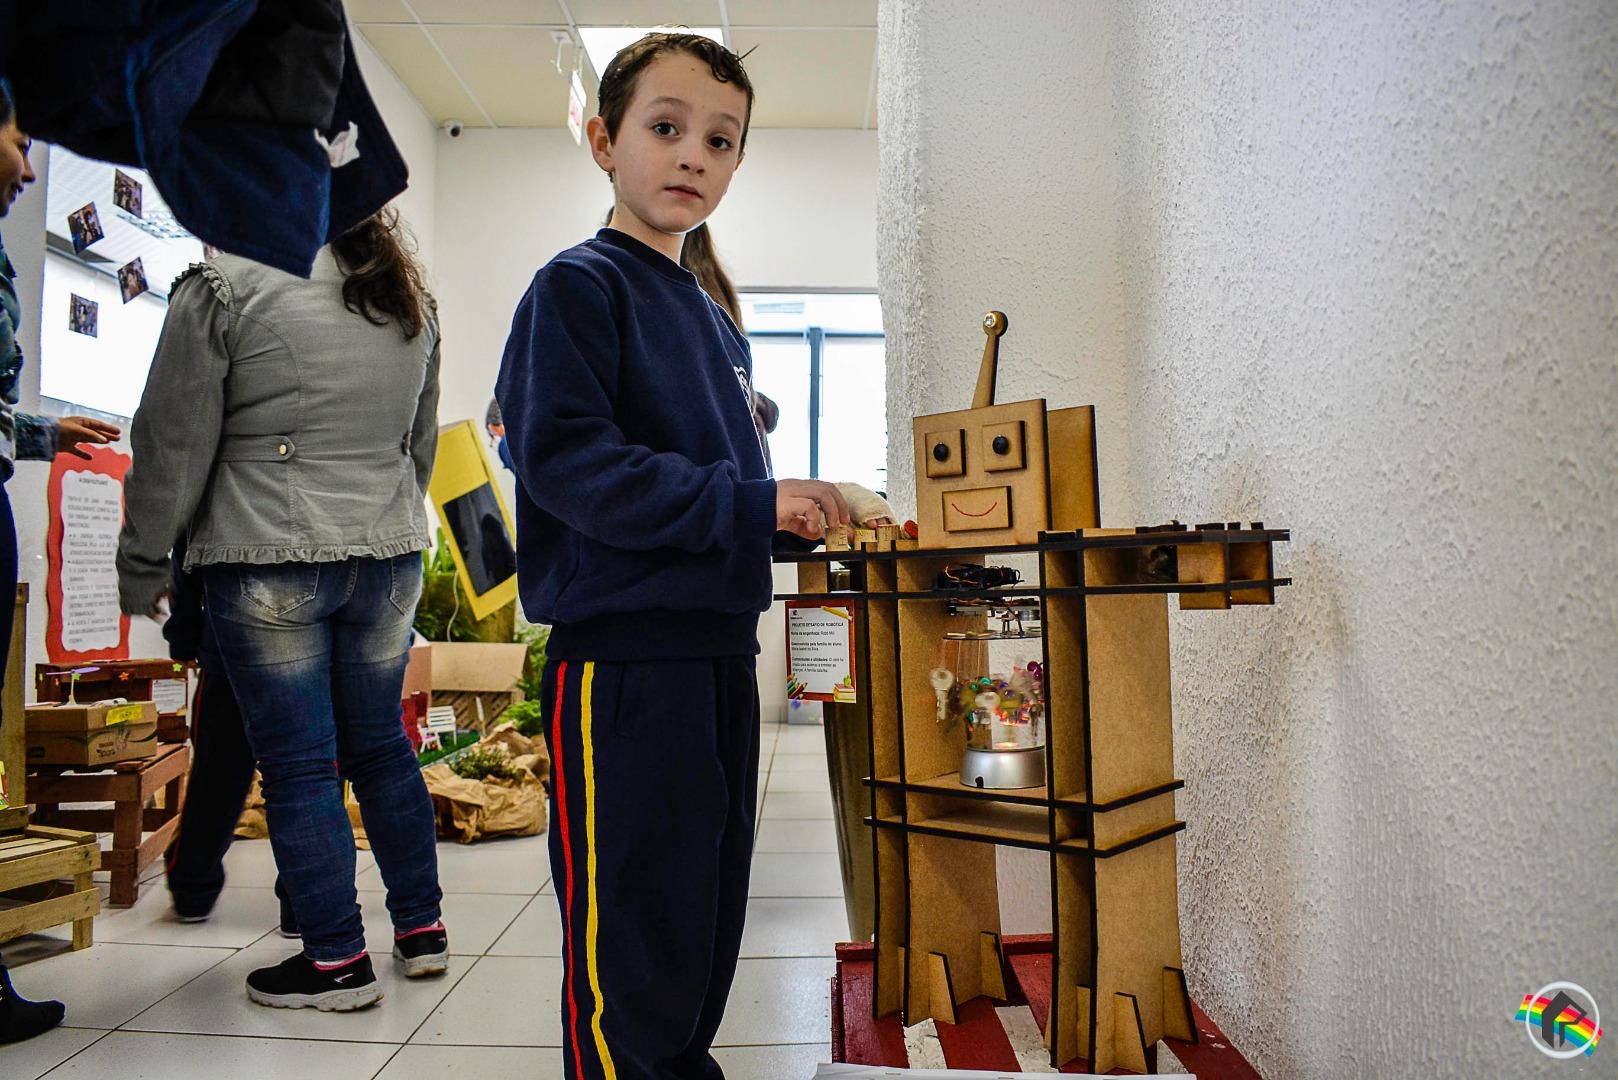 Escola do Sesc São Miguel do Oeste realiza amostra de trabalhos